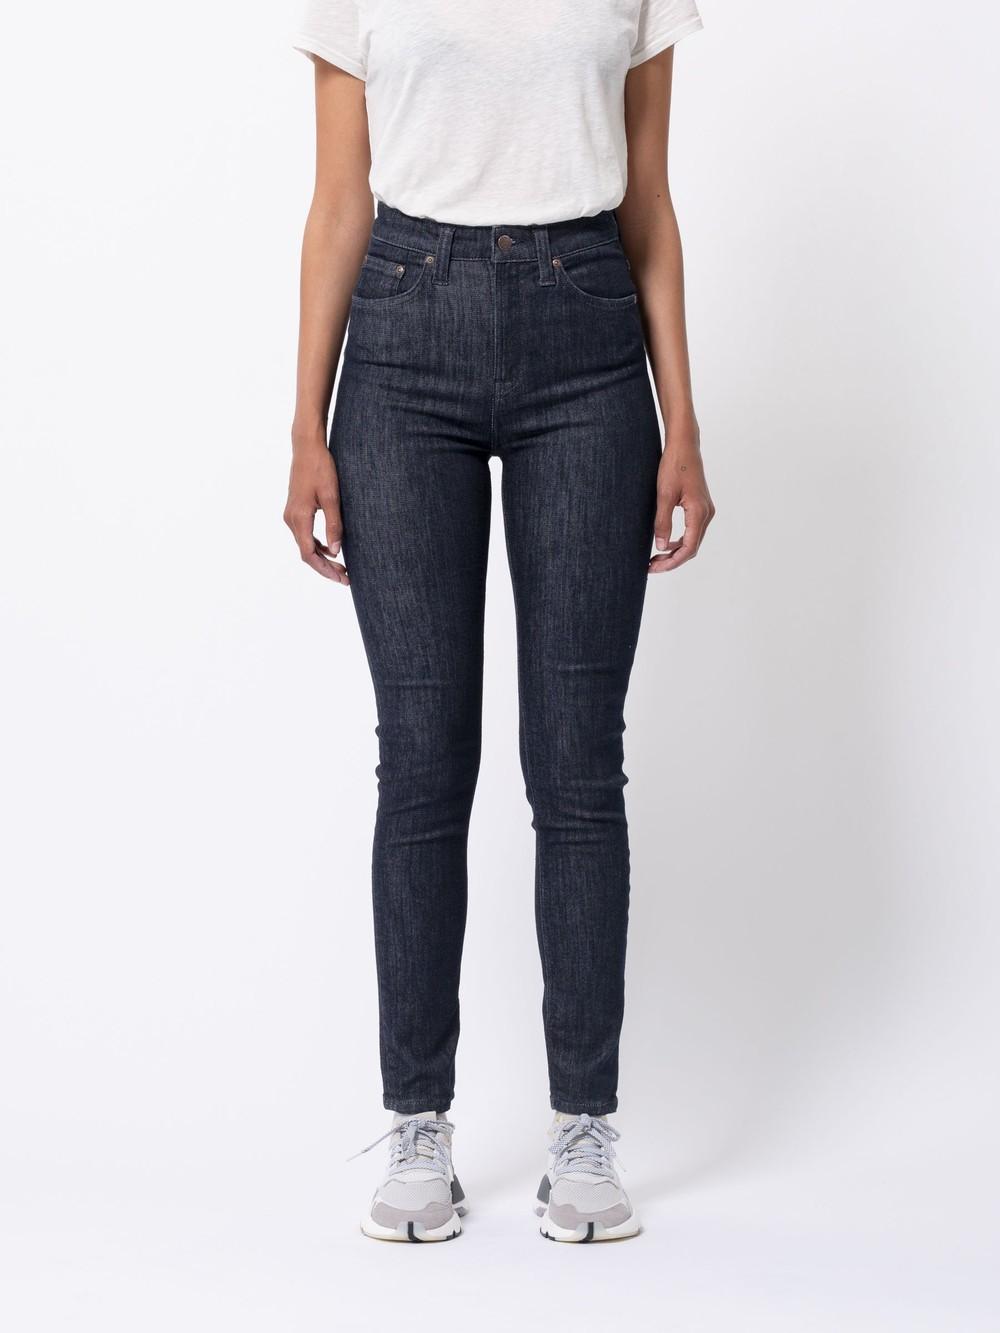 Jean skinny taille haute brut en coton bio - hightop tilde dark navy - Nudie Jeans